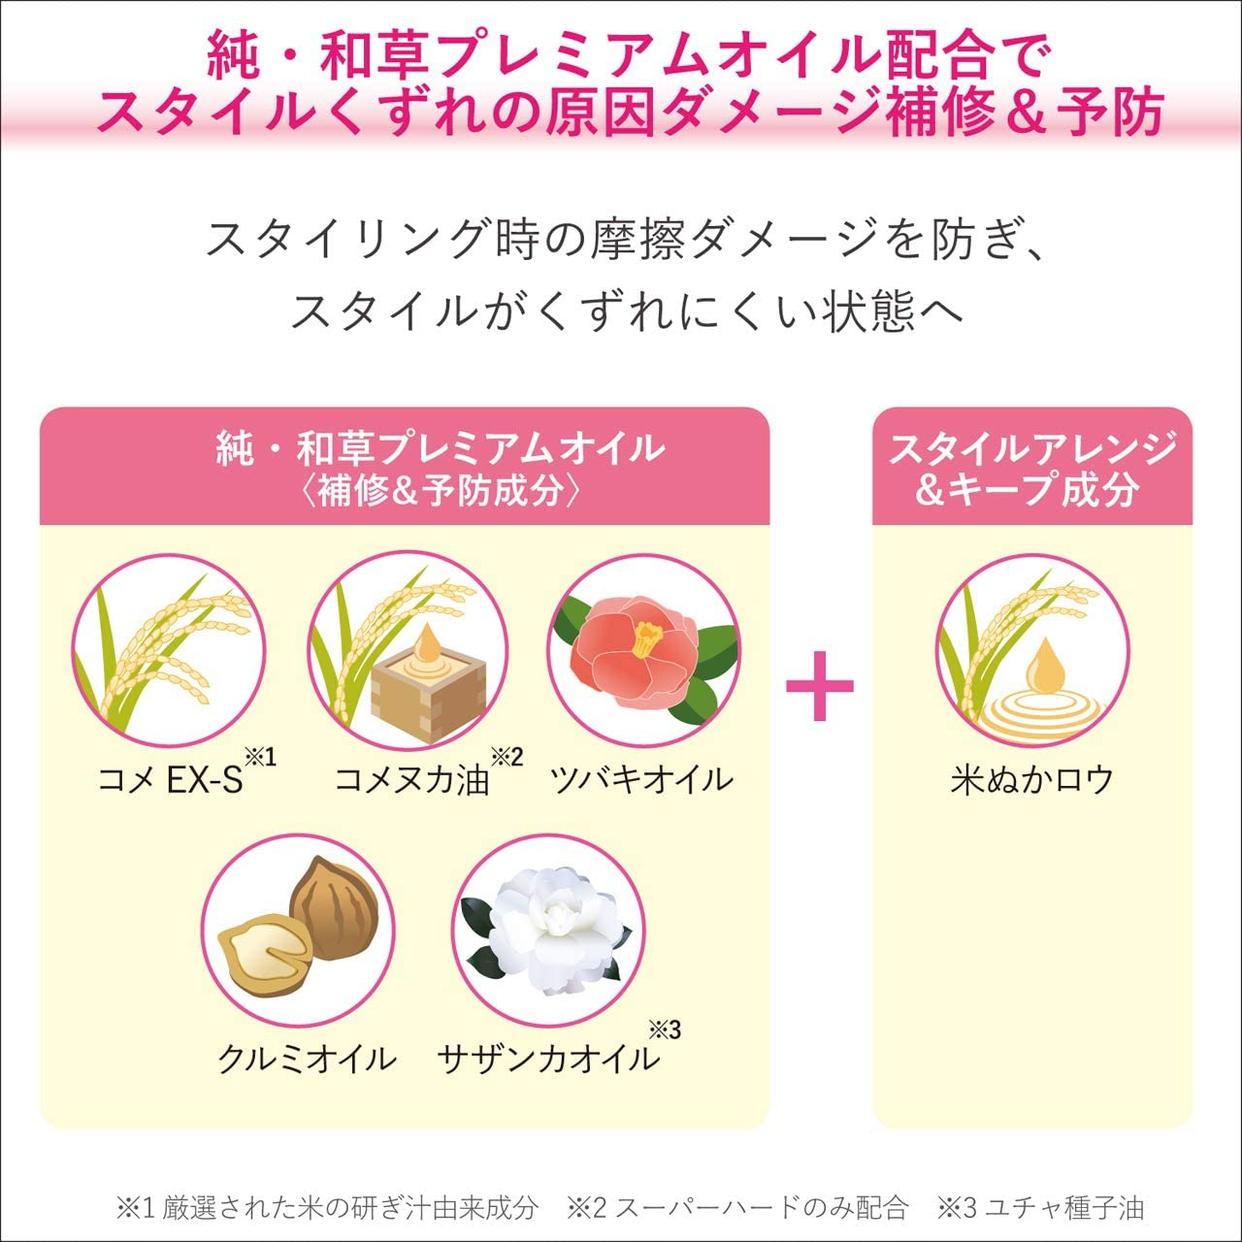 いち髪(ICHIKAMI) ヘアキープ和草スティック(スーパーハード)の商品画像5